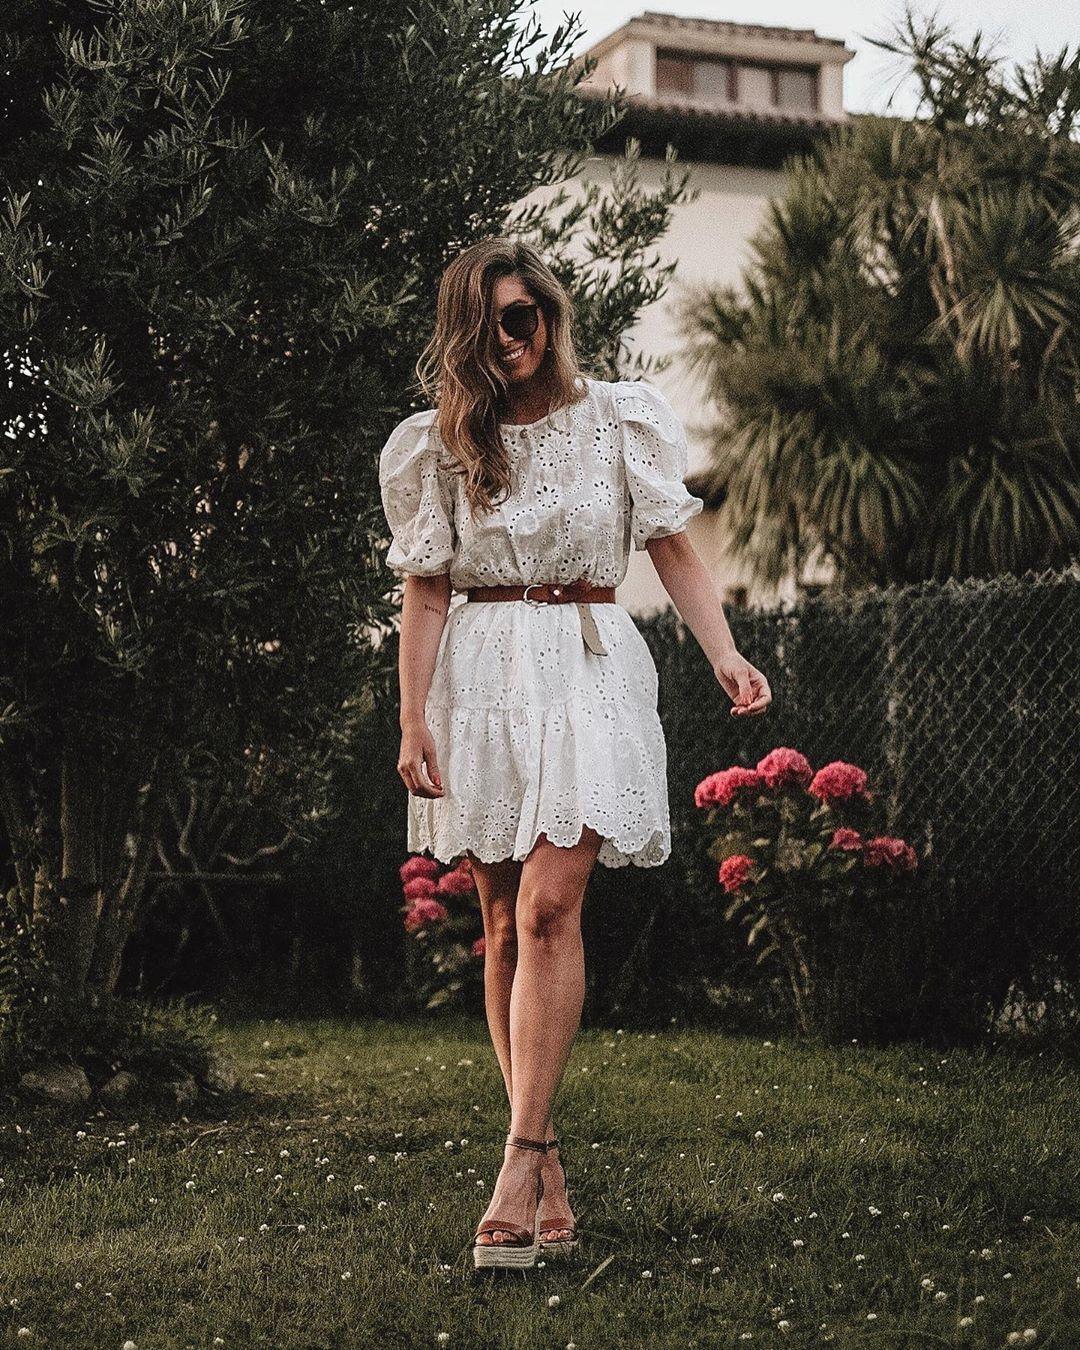 """, Estibaliz Prieto on Instagram: """"Vestidos blancos sencillamente perfectos ❤️  Es de @thedesire_shop y en su página web tenéis 10%dto con el código esti10.  La segunda foto…"""", Anja Rubik Blog, Anja Rubik Blog"""